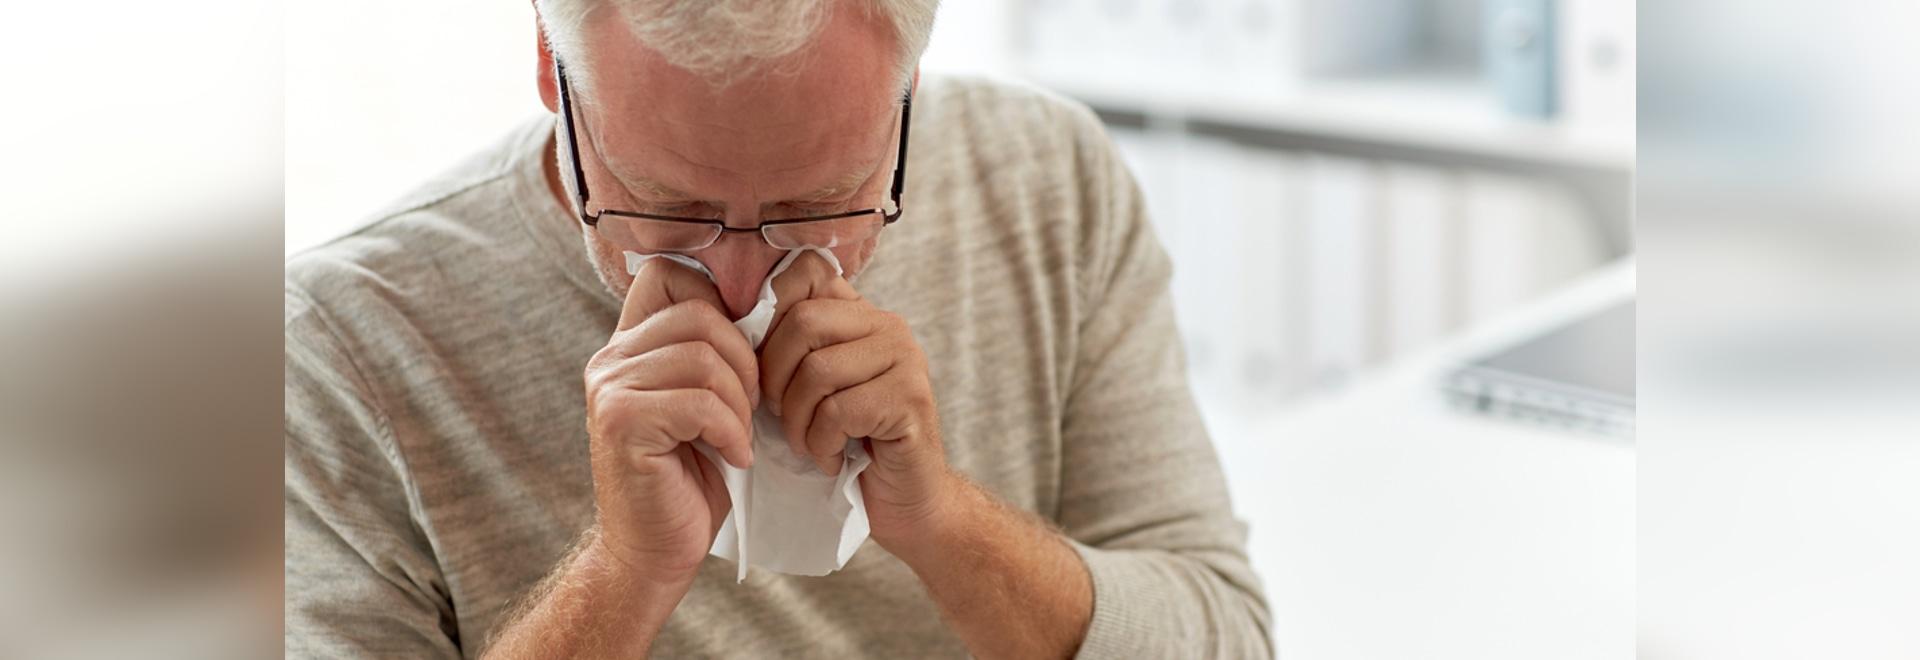 Forscher bestätigen Verbindung zwischen Grippe, Herzinfarkt